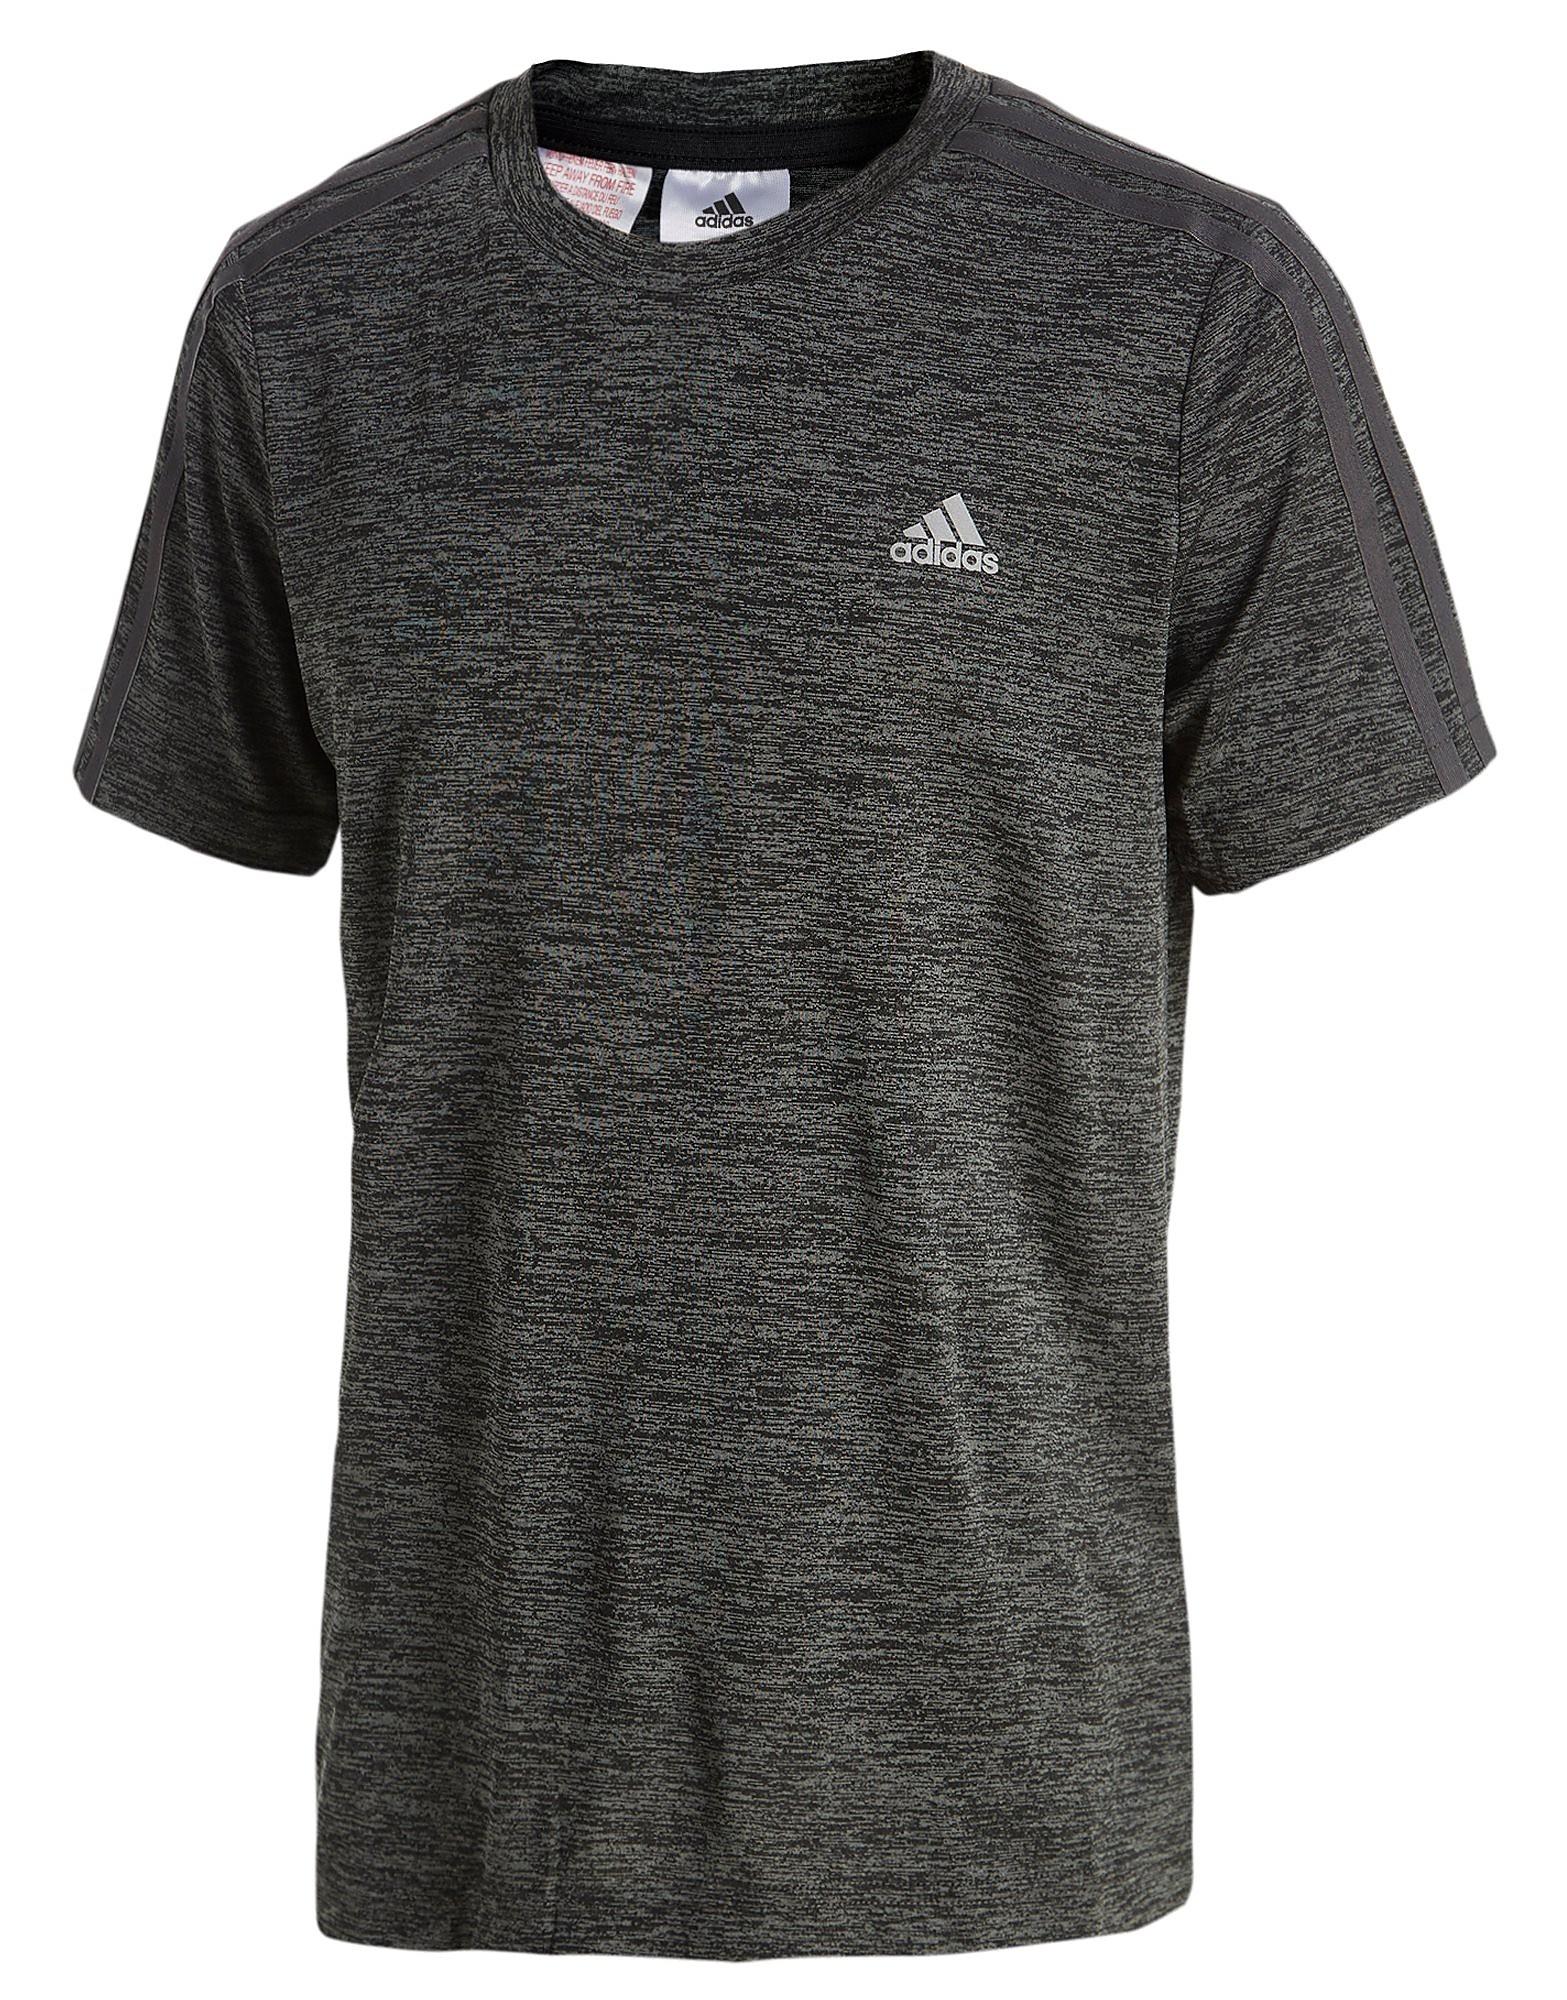 adidas Camiseta Reflective